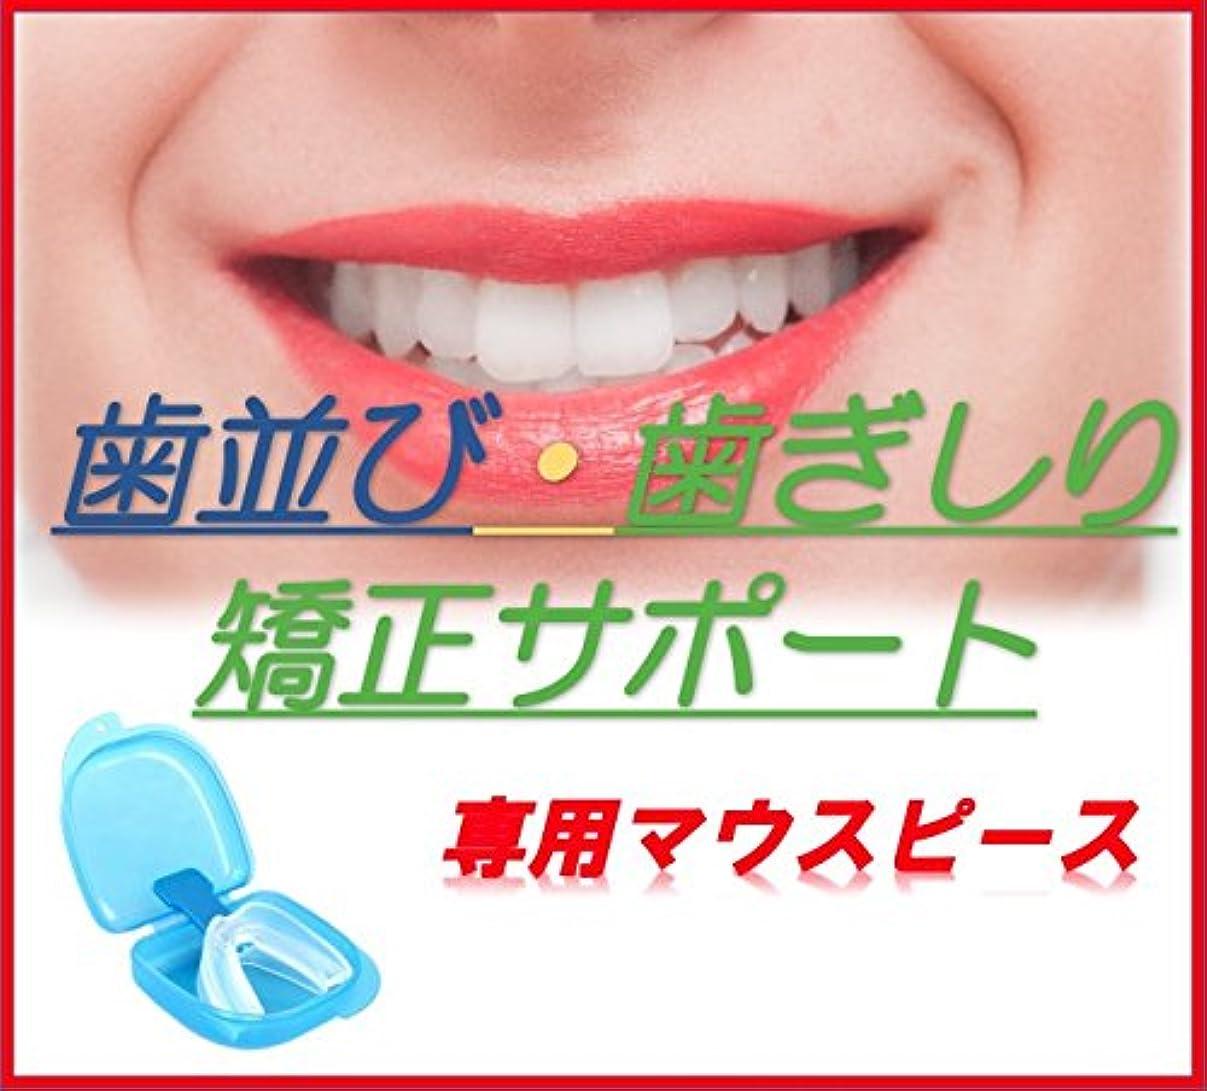 スーダン酸っぱいジョットディボンドン[NET-O] 歯並び 歯ぎしり 矯正 サポート 専用マウスピース お得用セットあり (1set)